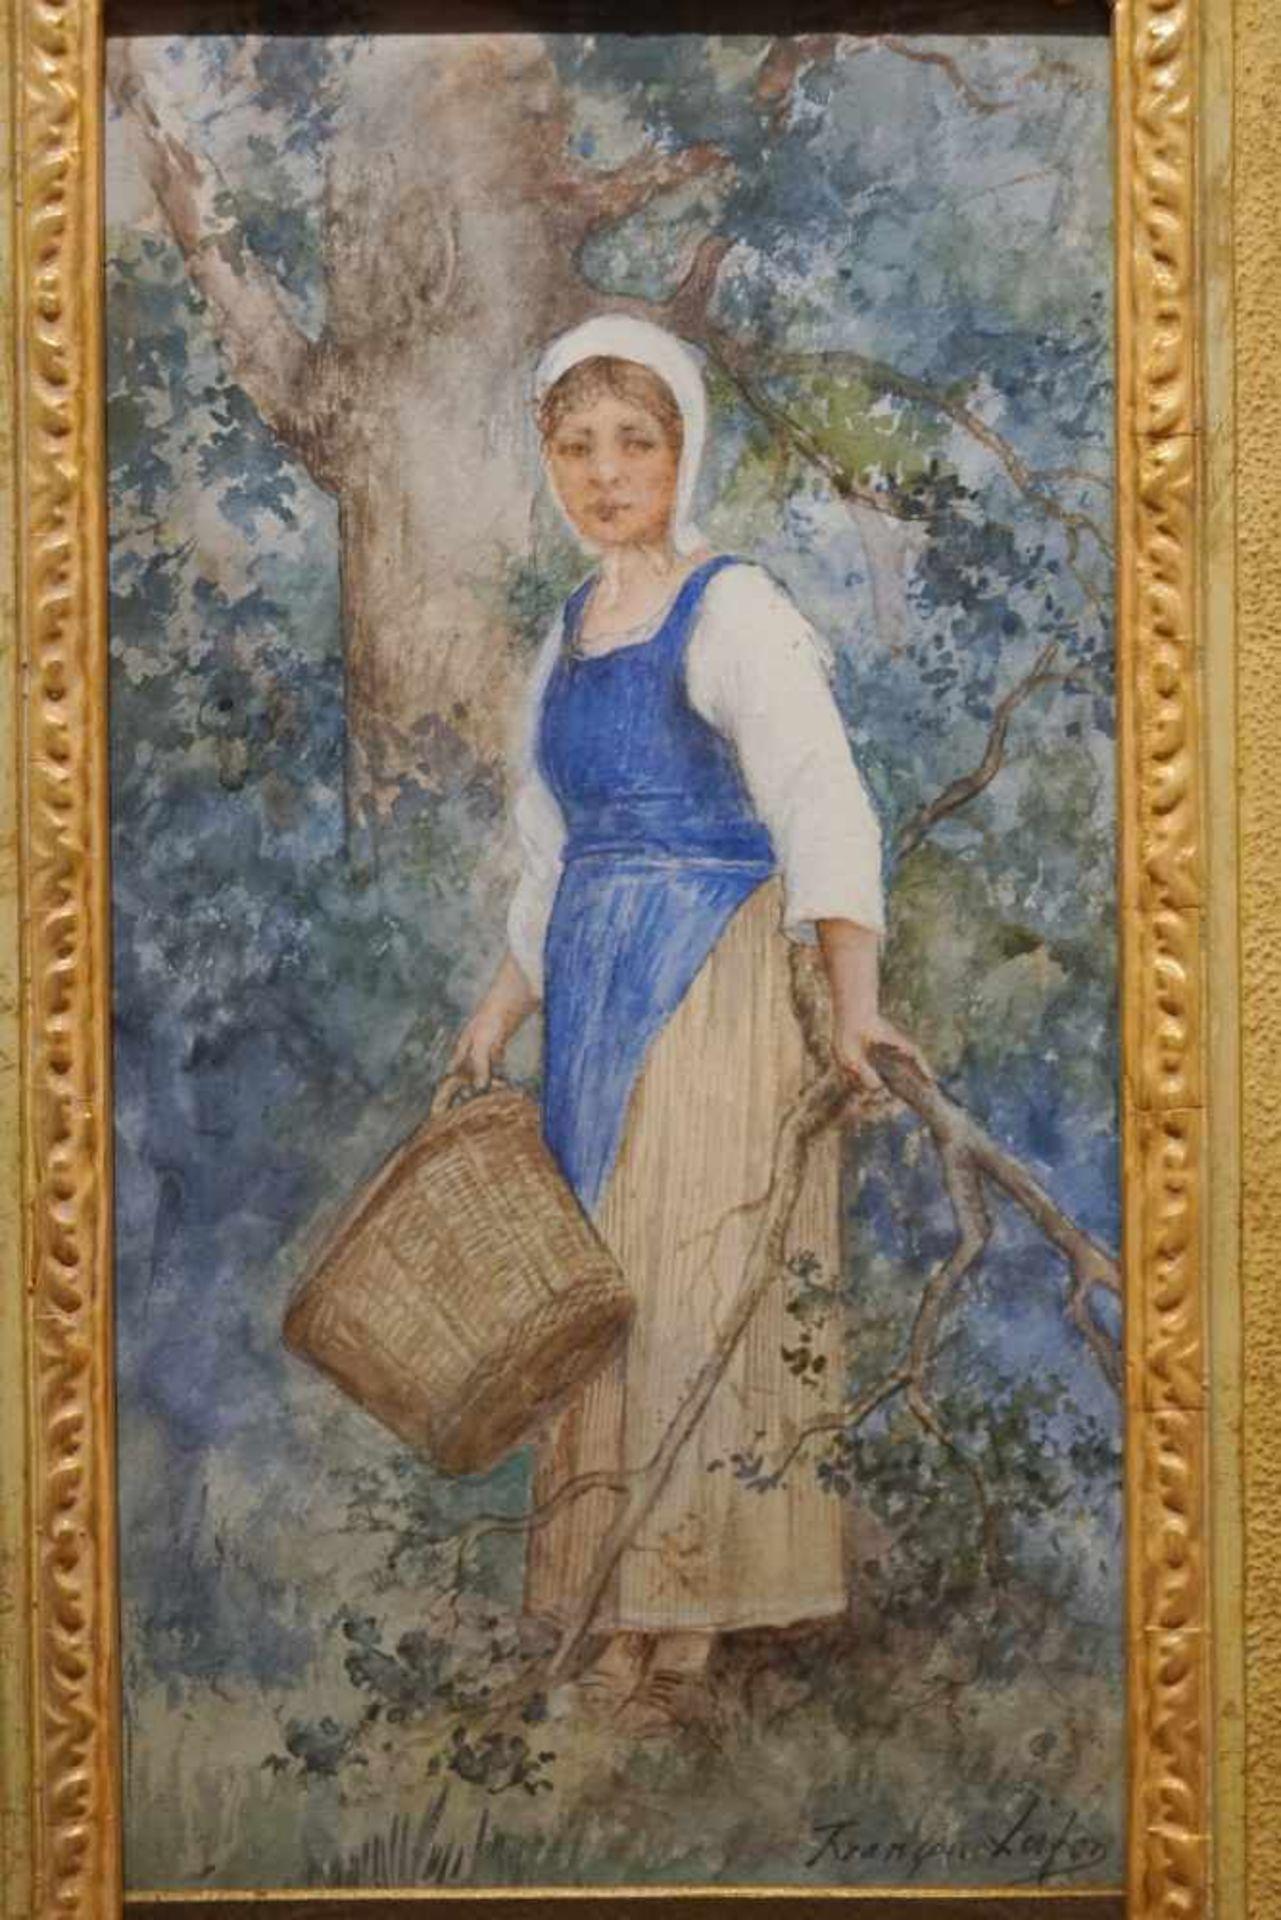 Magd mit Korb in der Natur Francois Lafon (1846-1920), Mischtechnik auf Platte, unter Glas - Bild 2 aus 4